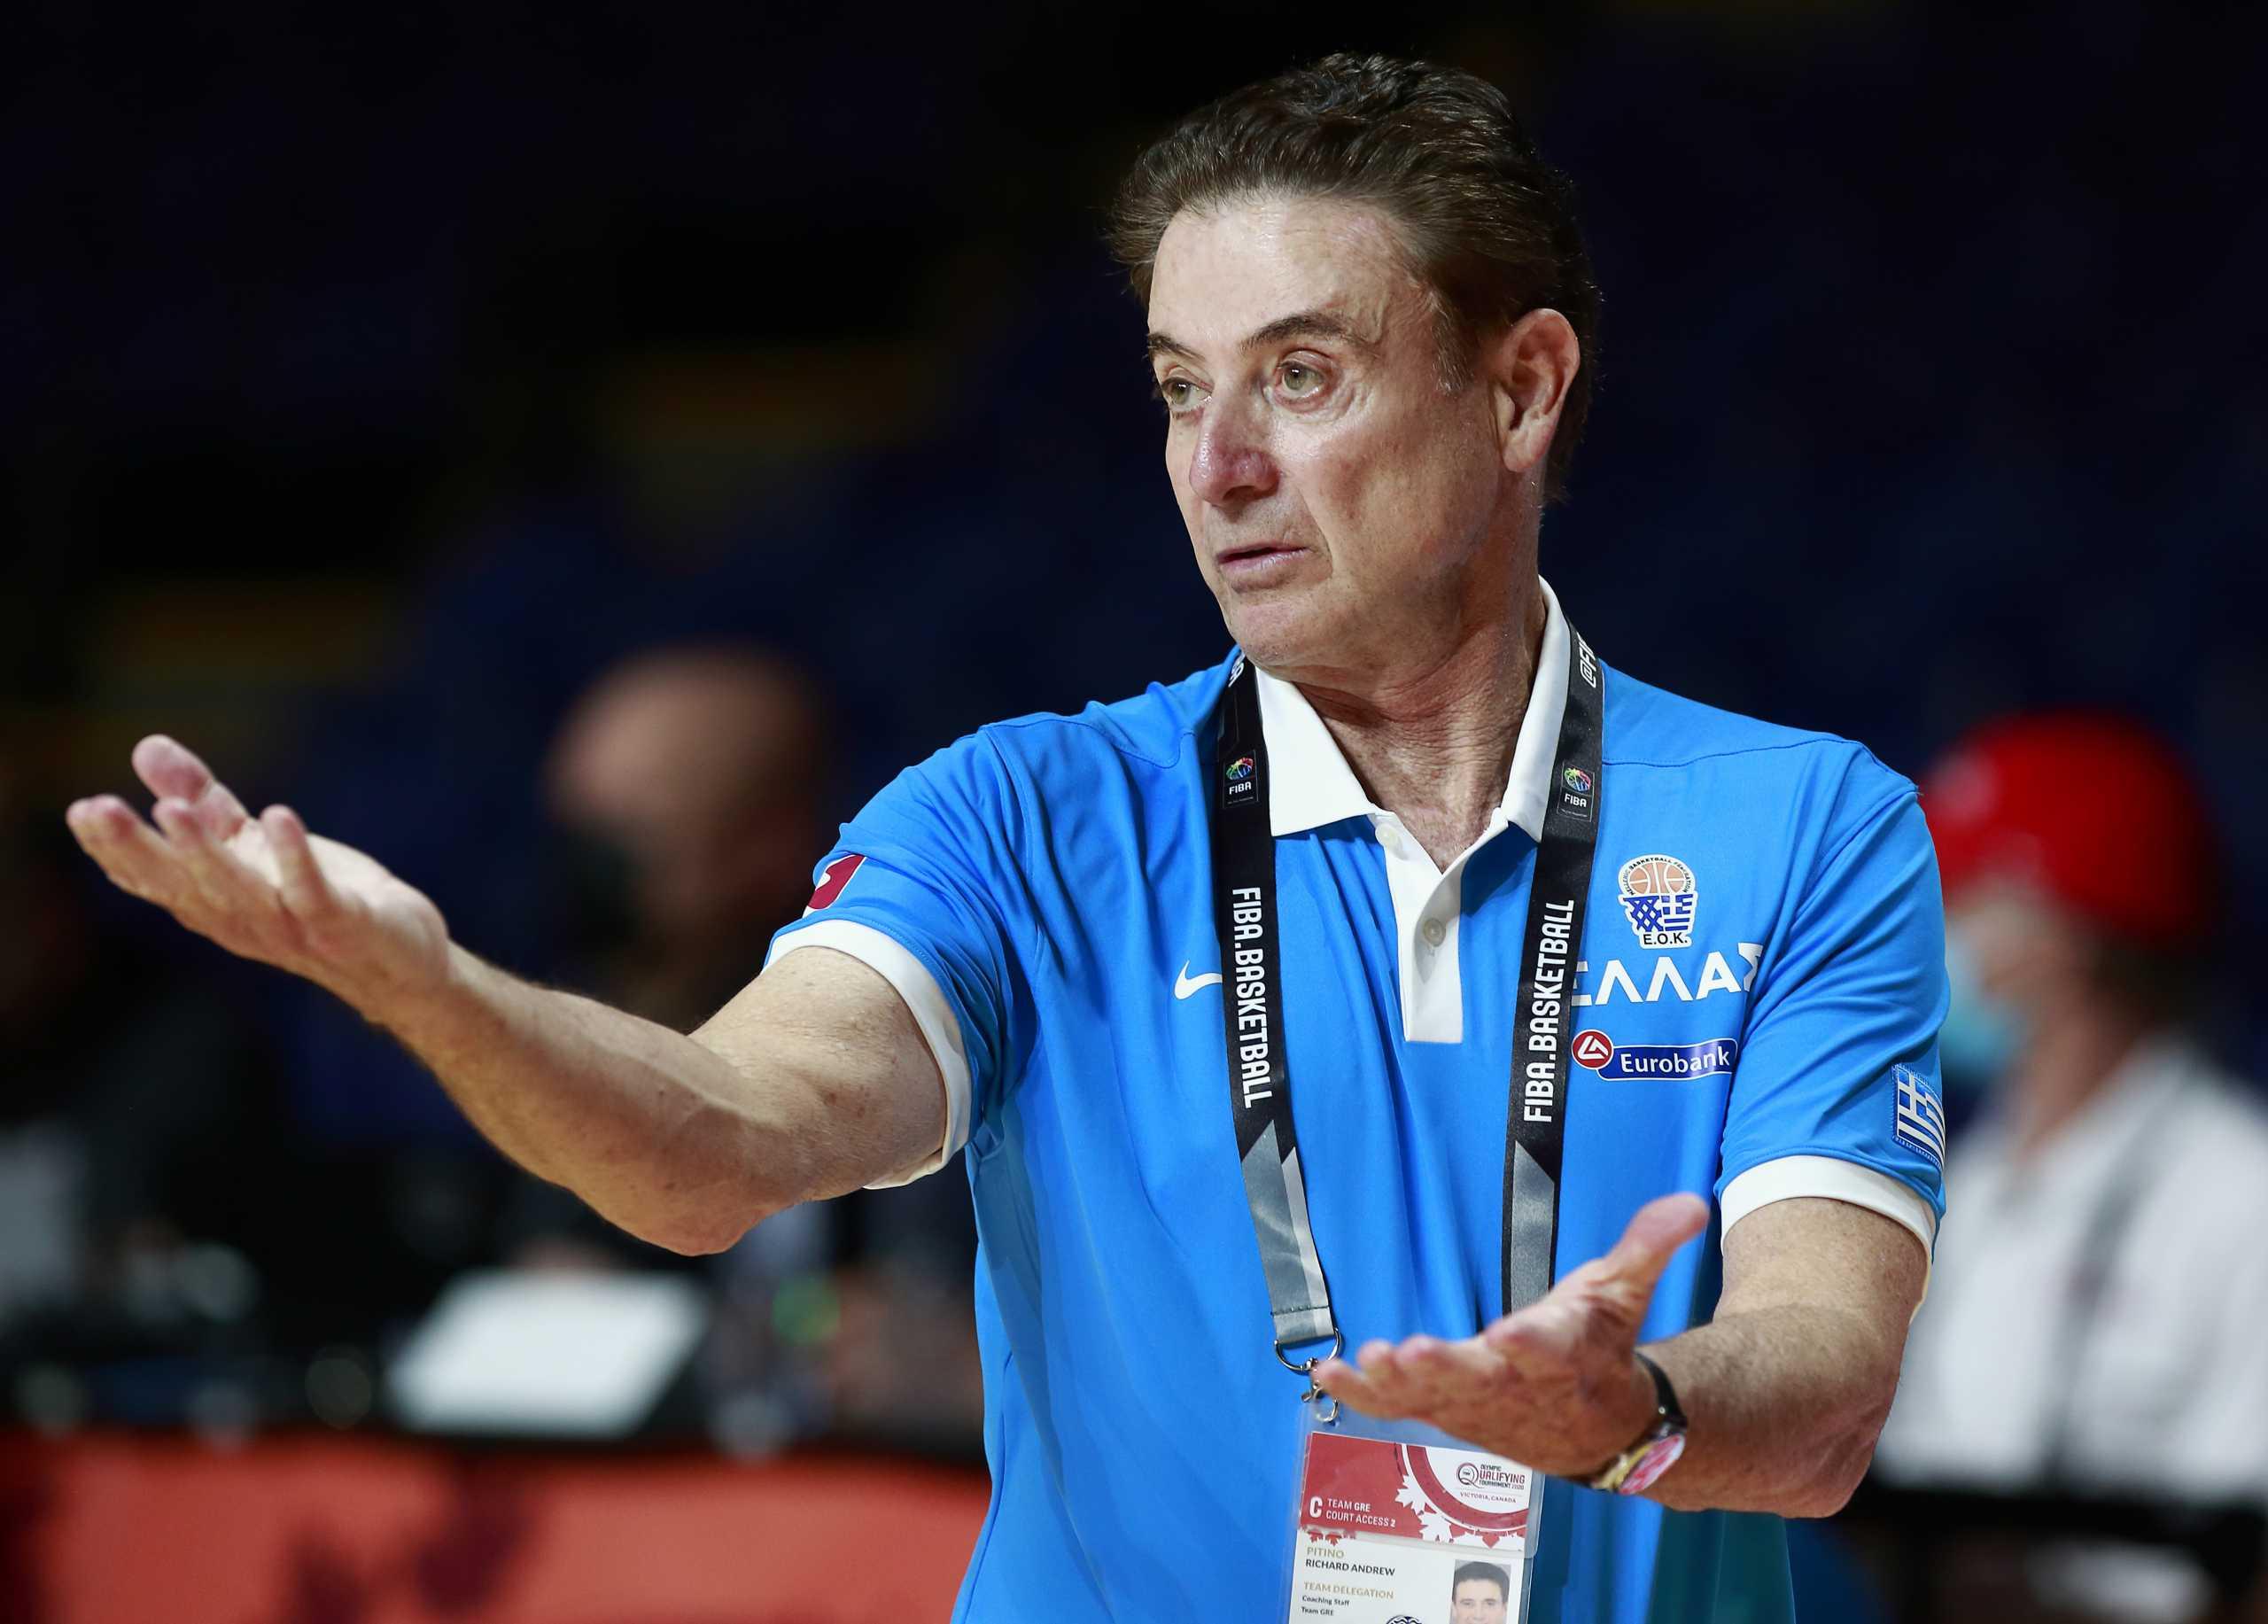 Ρικ Πιτίνο: «Λέω όχι για τον Ολυμπιακό – Έκανα πρόταση στον Σπανούλη που δεν μπορούσε να αρνηθεί»